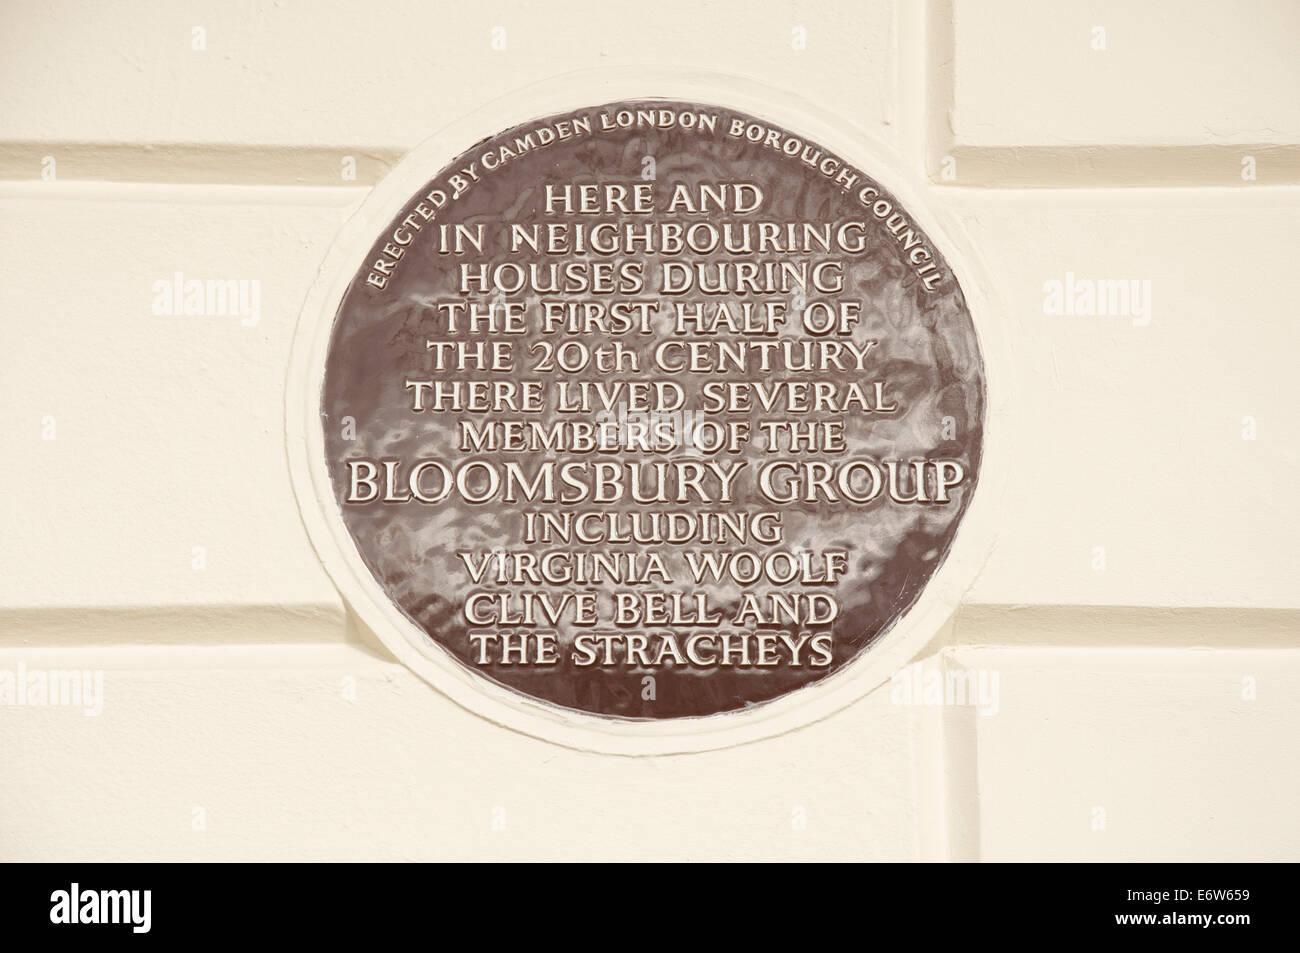 Une plaque en céramique à 50 Gordon Square, à Camden, qui était à la maison à plusieurs membres du Bloomsbury group, y compris Virginia Woolf. Londres, Angleterre. Banque D'Images